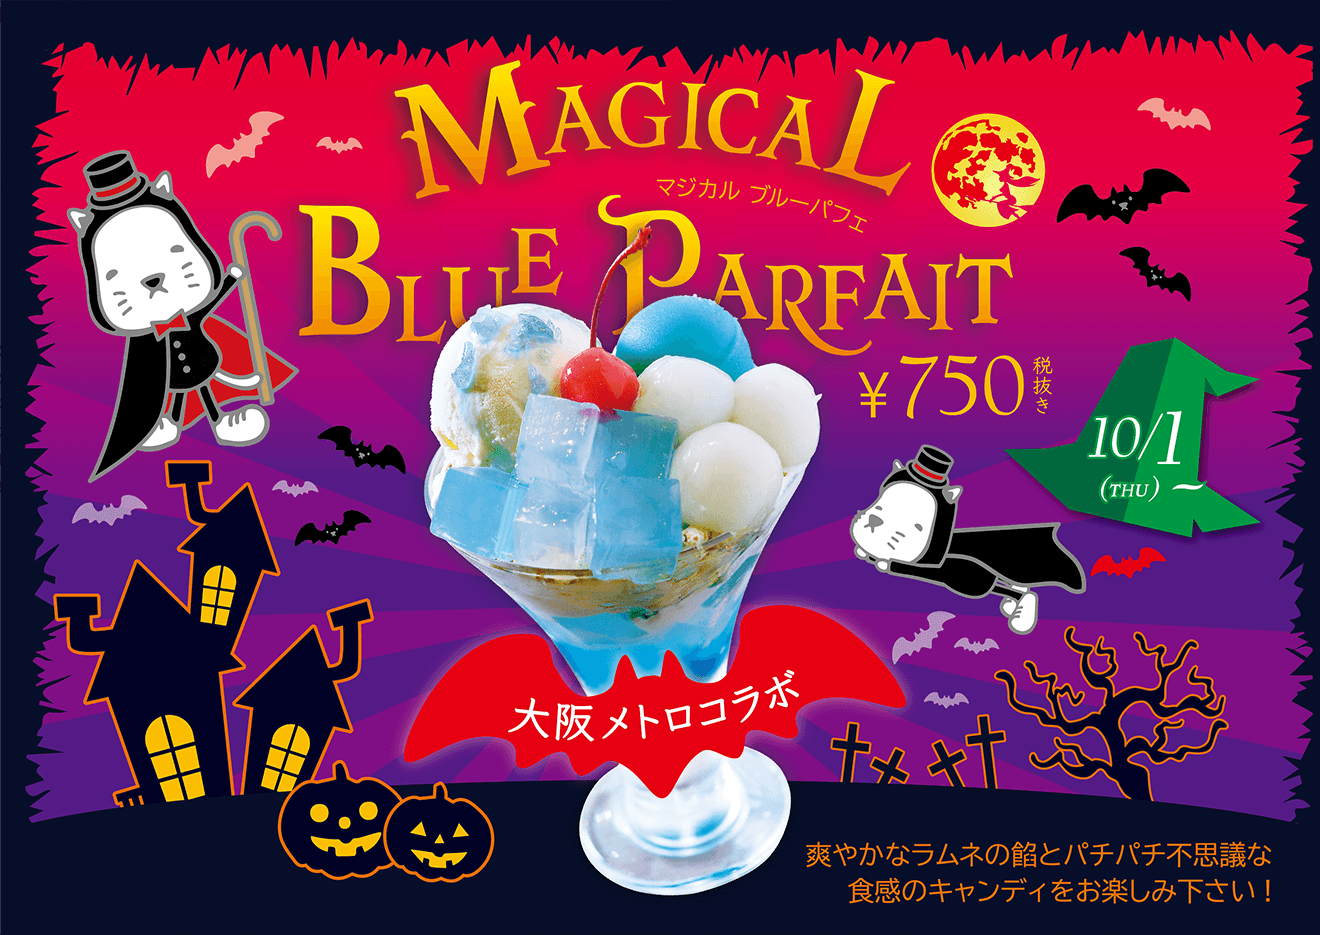 大阪メトロコラボ企画「MAGICAL-BULL-PARFAIT」